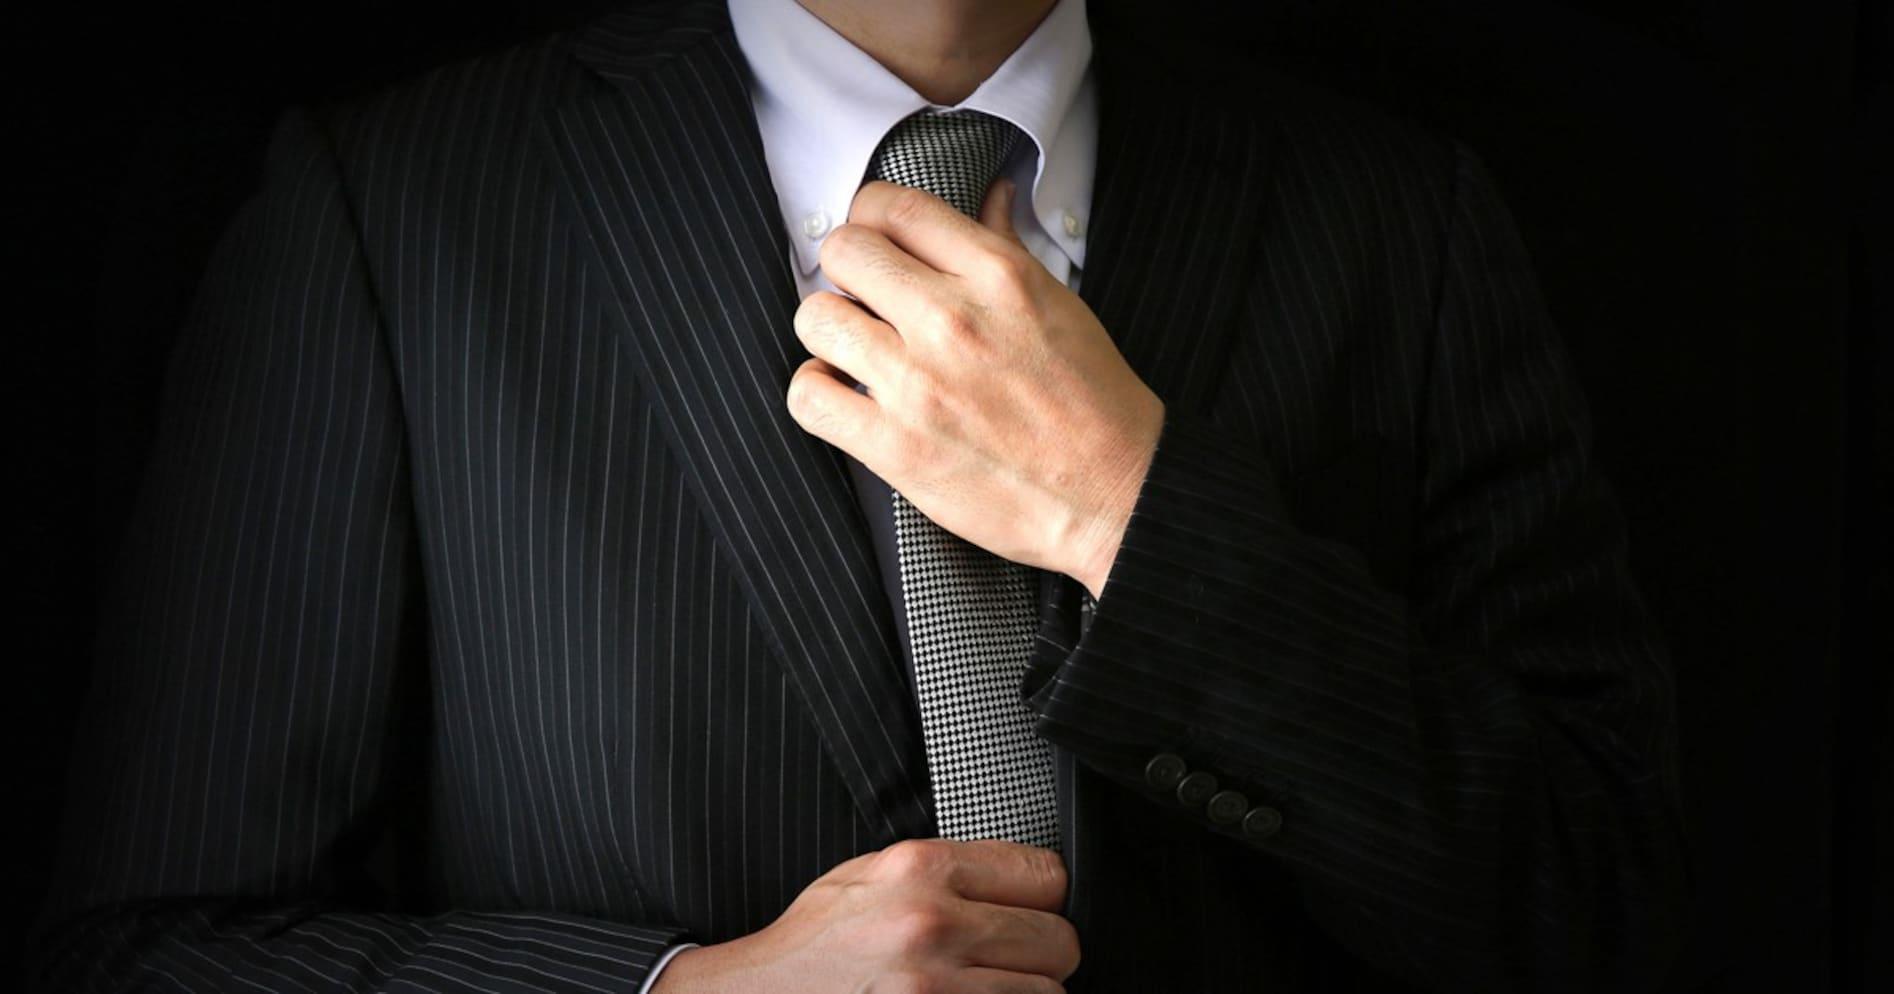 せっかくネクタイしてきたのに「はずしてください」!? 日本人はネクタイに過剰に反応しすぎ…